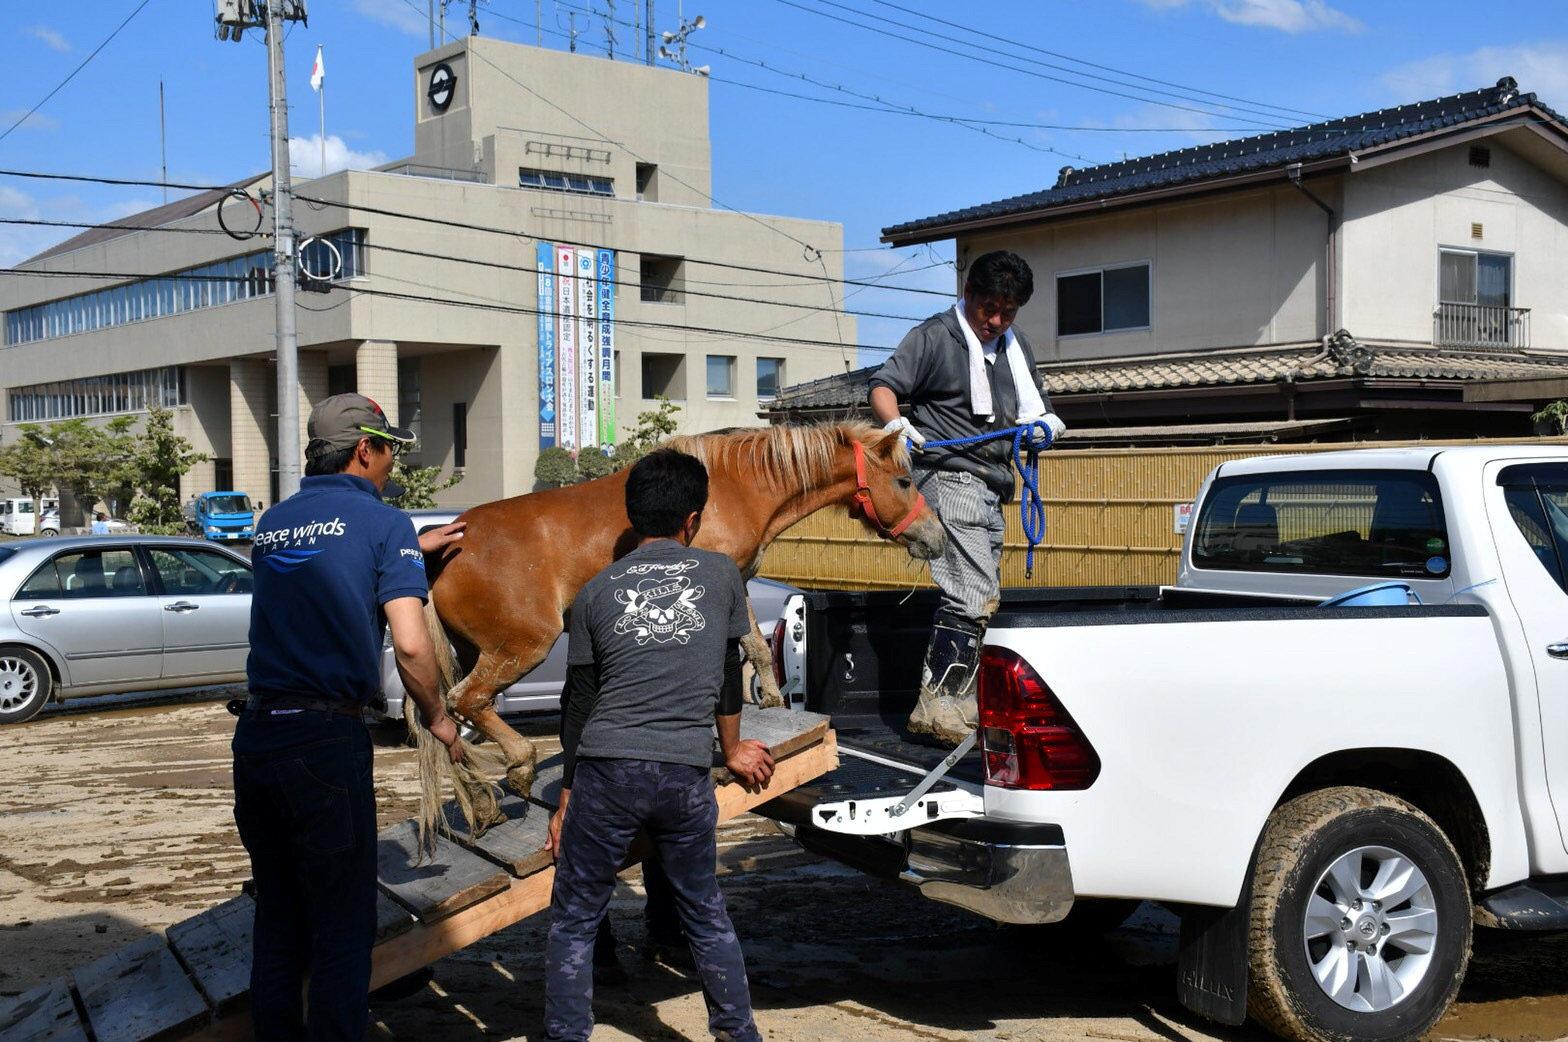 Una yegua rescatada del tejado de una casa tras fuertes inundaciones en Japón (9 de julio 2018)